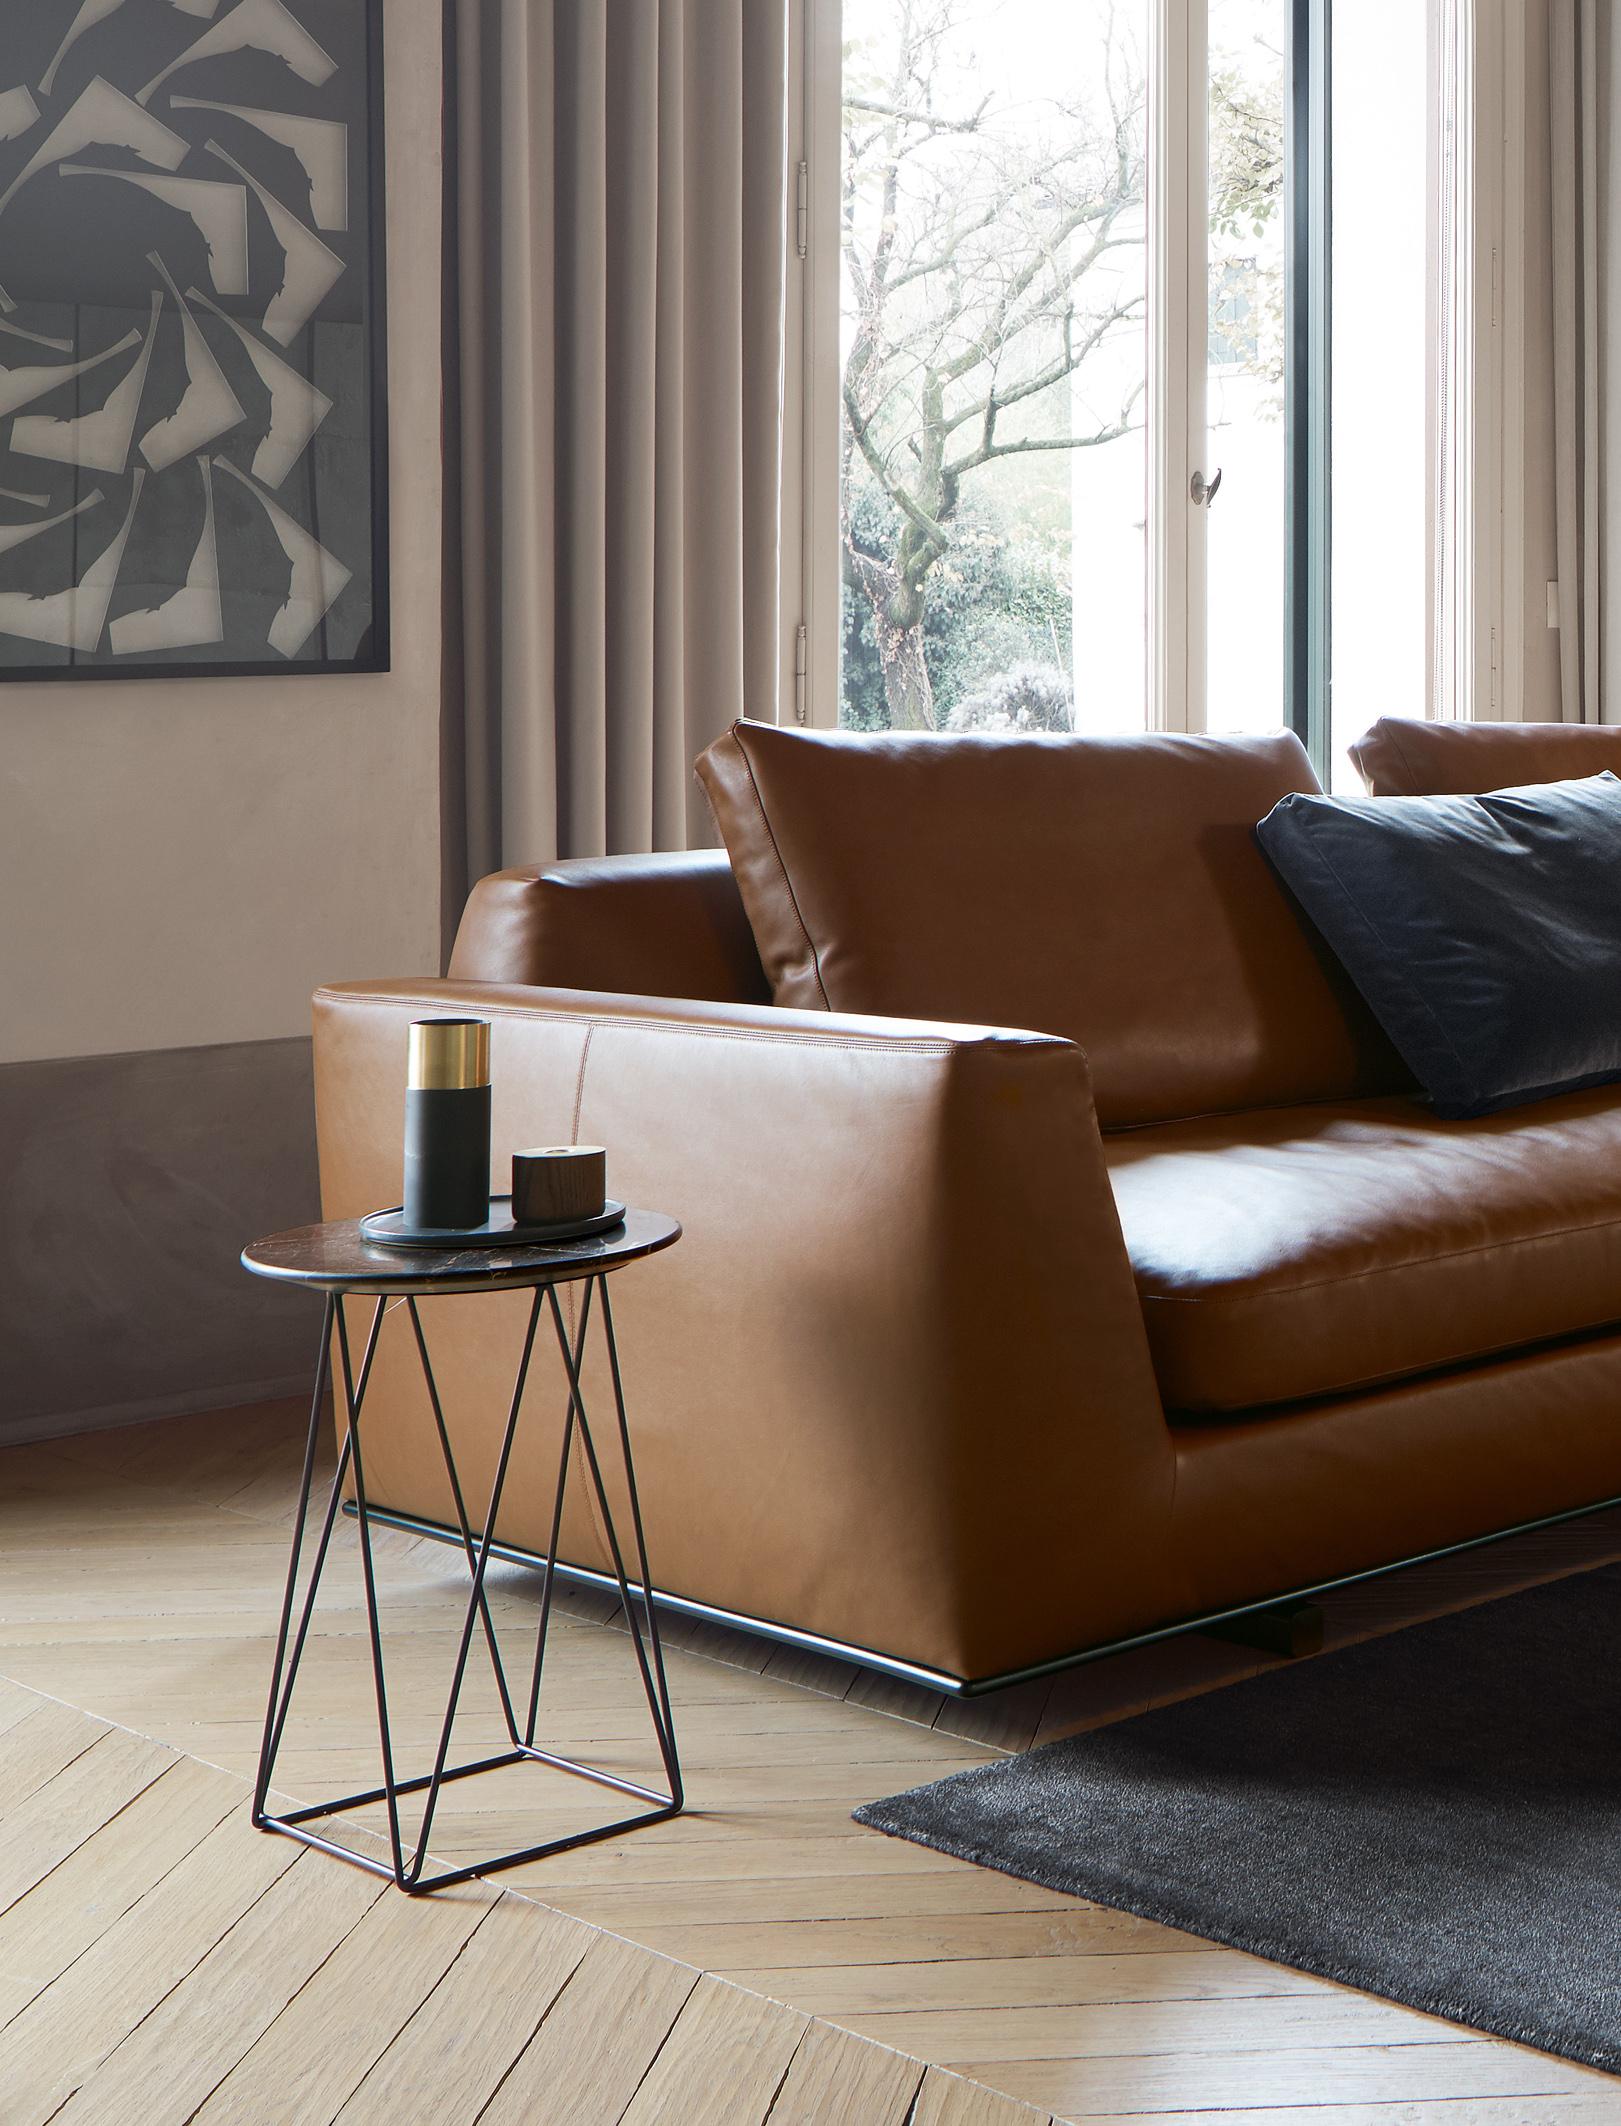 vdm pm 2017 tisch und stuhl 4. Black Bedroom Furniture Sets. Home Design Ideas